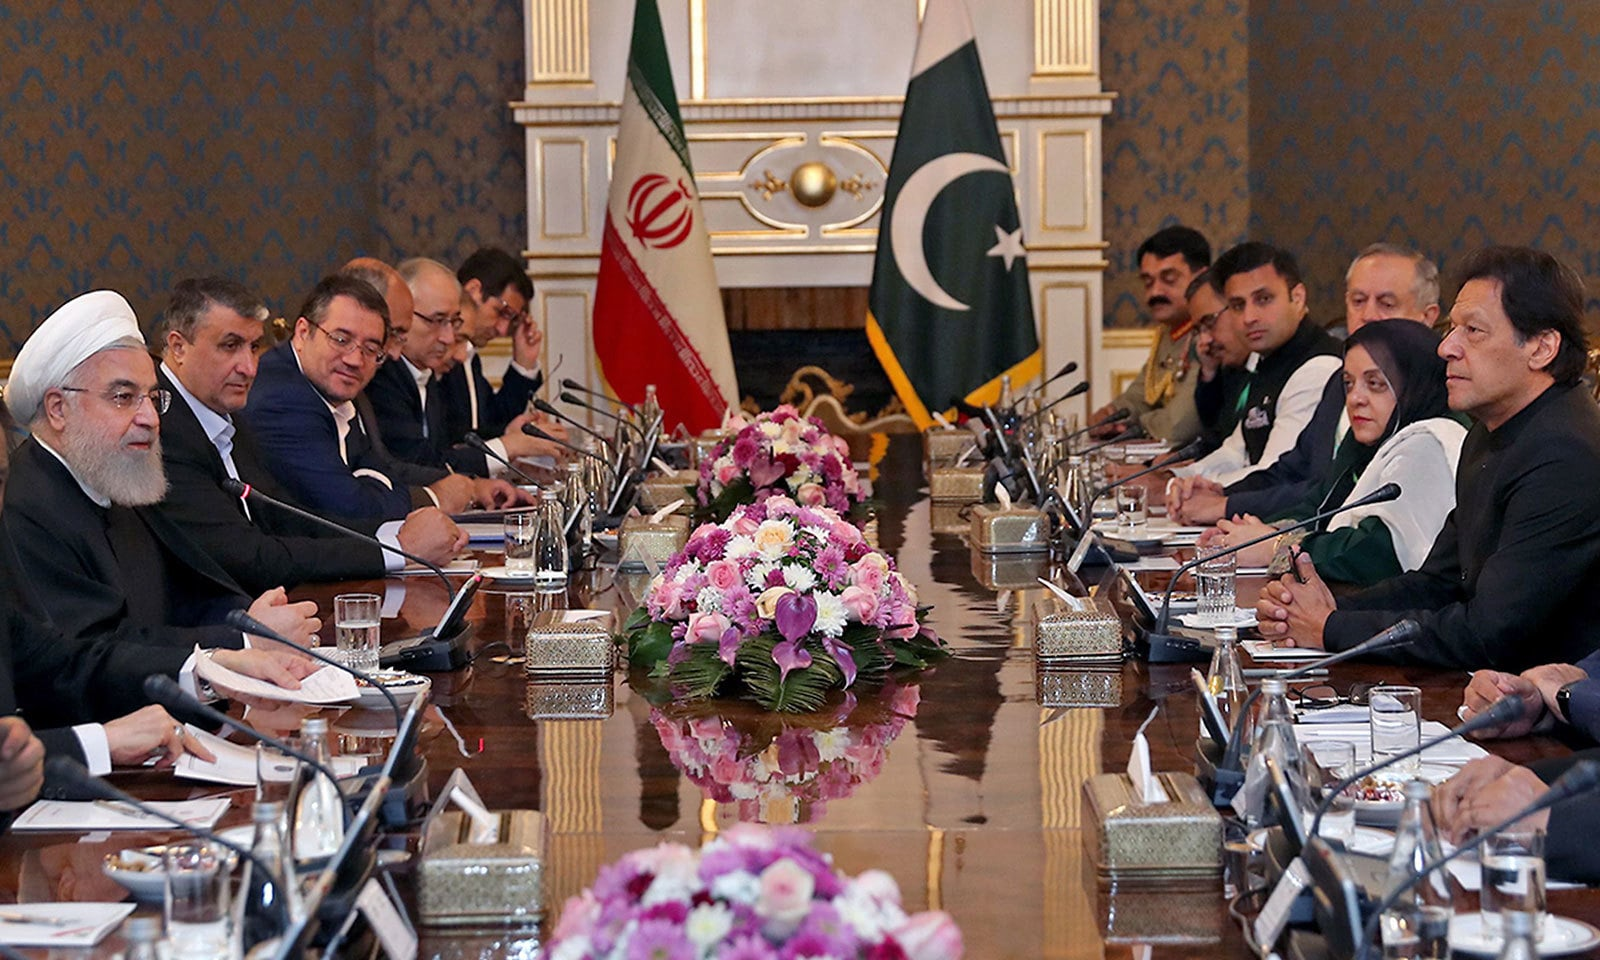 ایران اور پاکستان کی قیادت کے پاکستانی وفد میں انسانی حقوق کی وفاقی وزیر شیریں مزاریں سمیت دیگر شامل تھے—فوٹو: اے ایف پی